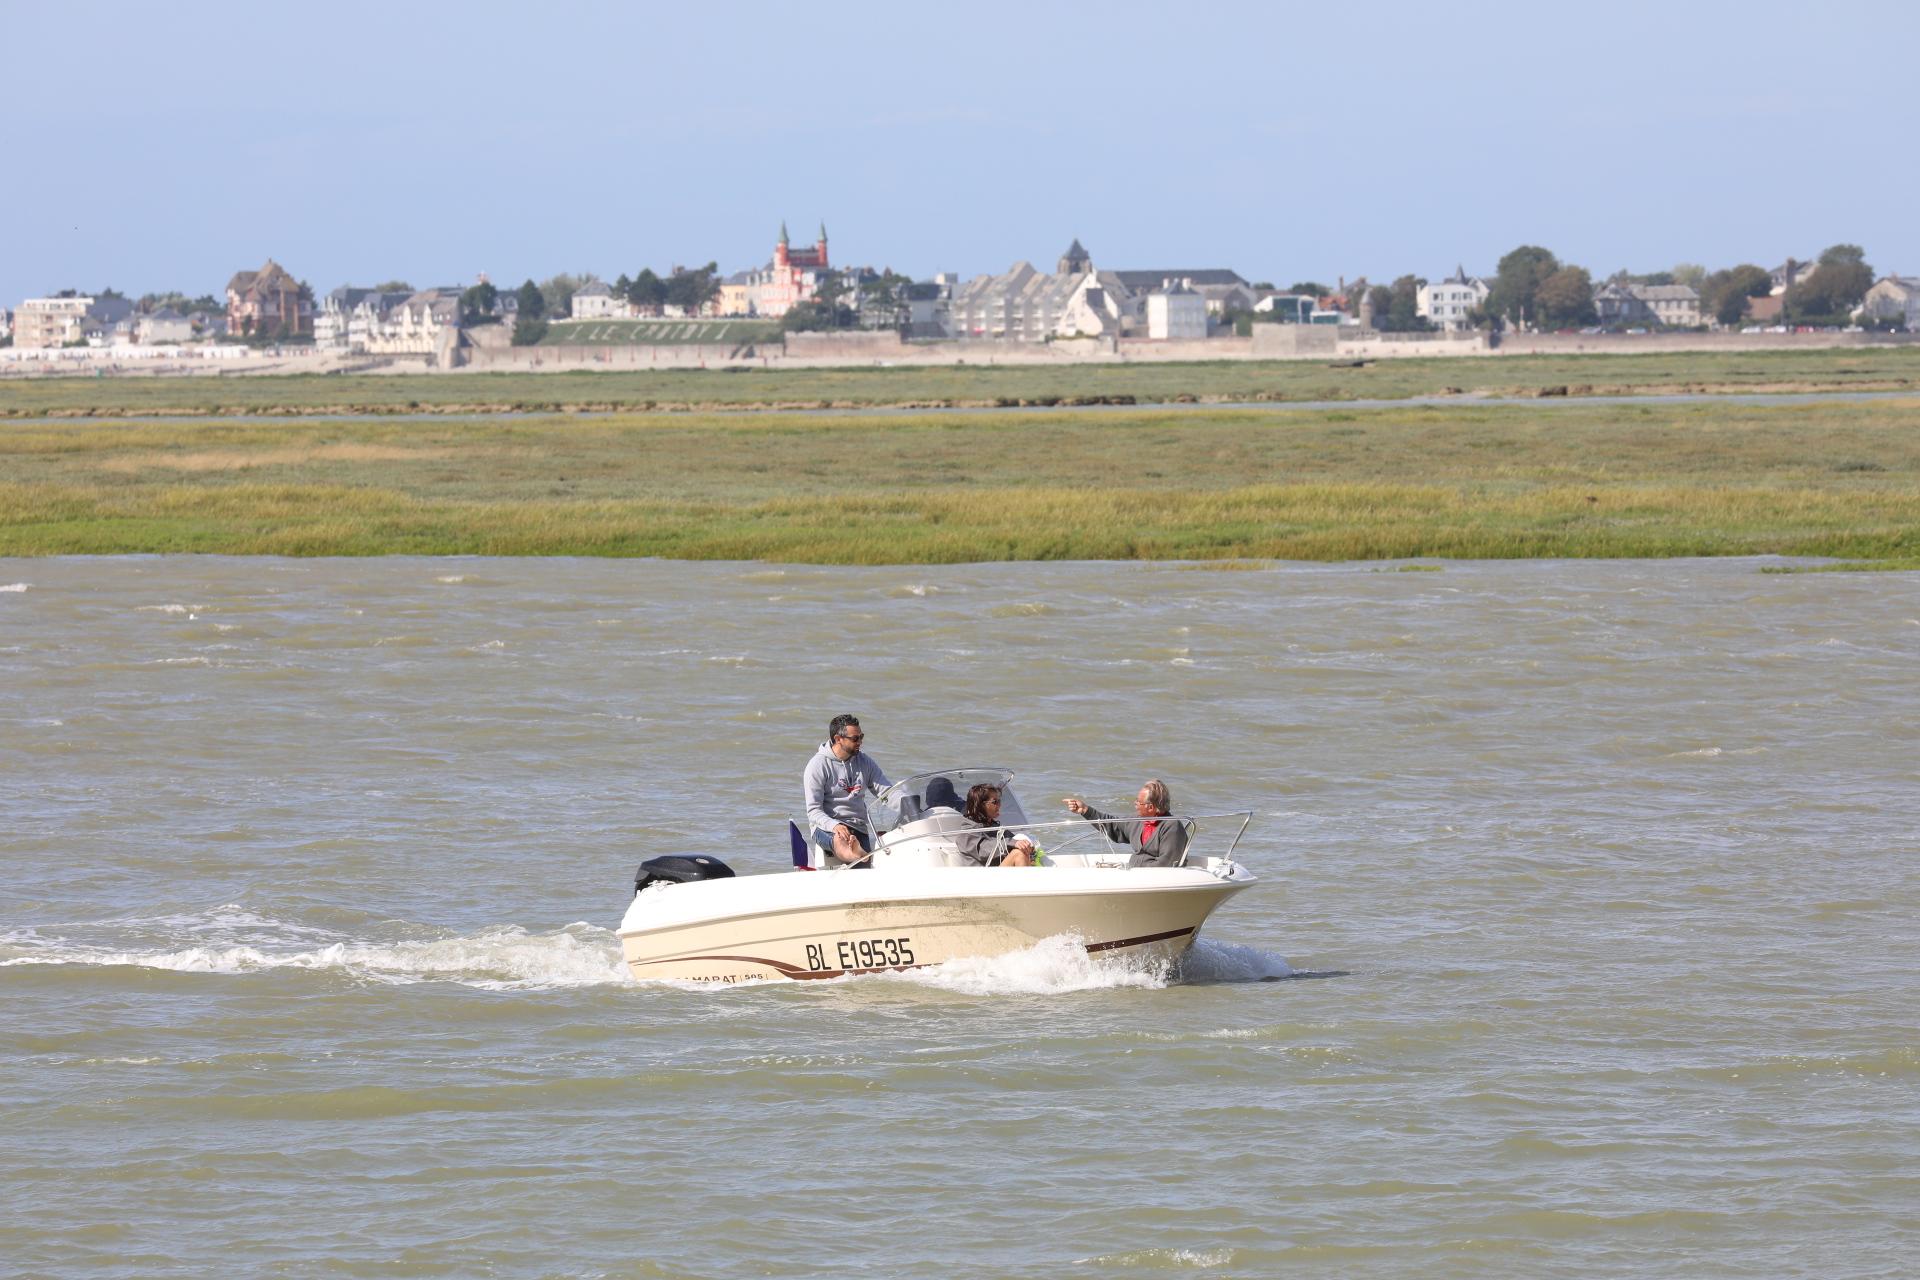 Vue sur Le Crotoy visite guidée quartier des marins saint valery sur somme en baie de somme